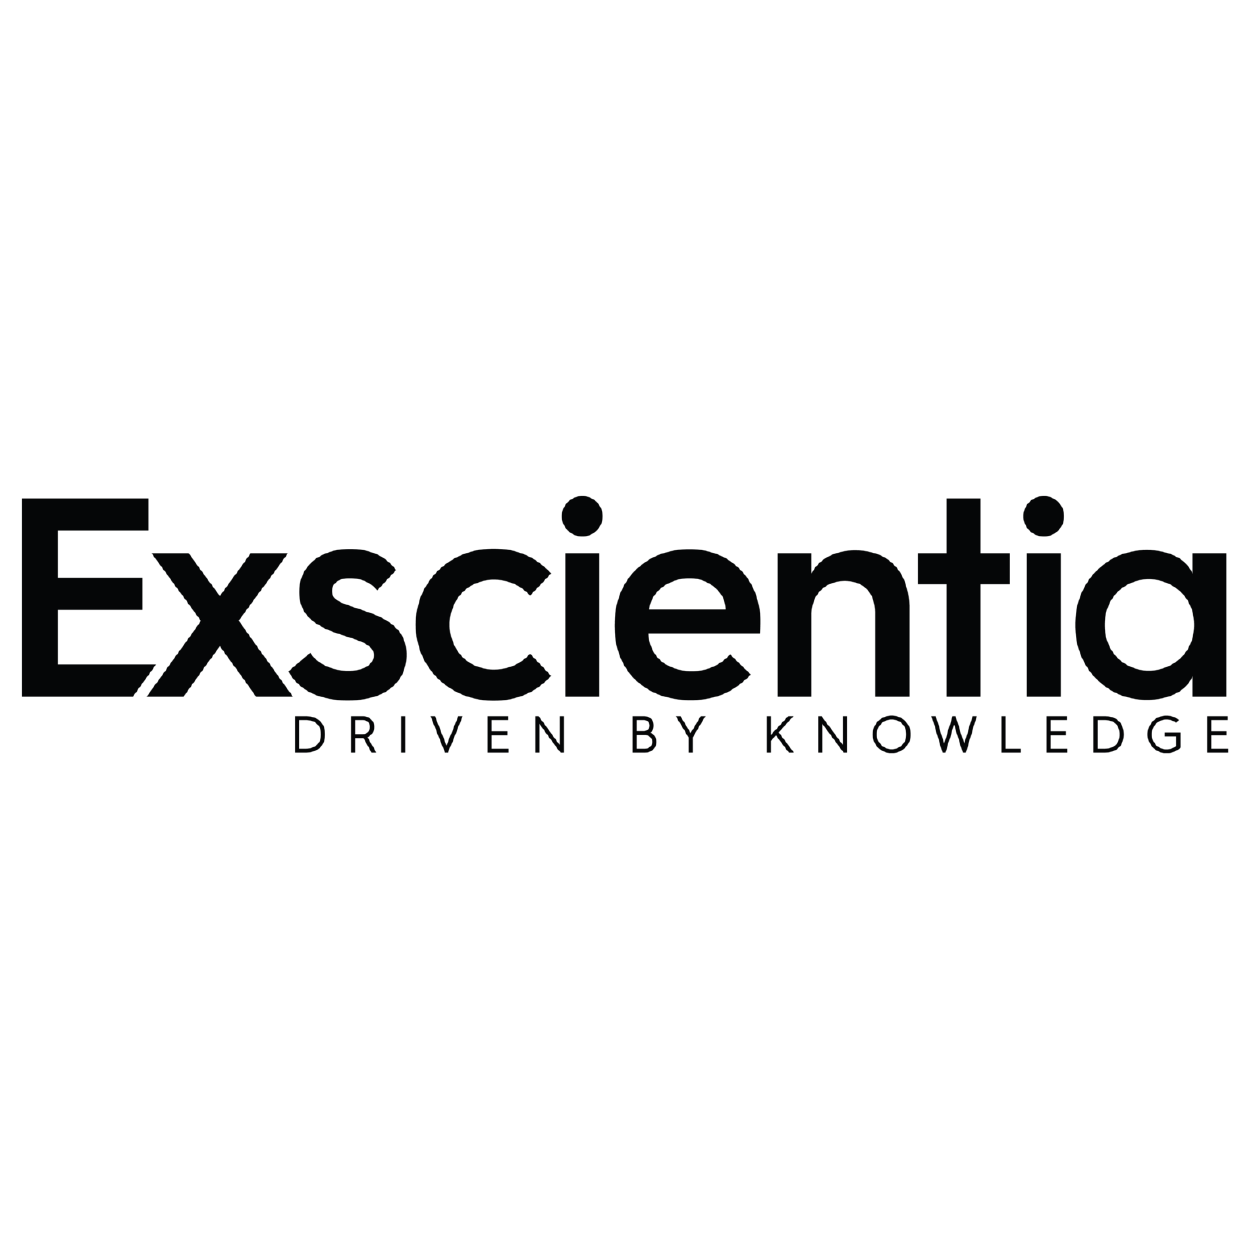 Exscientia